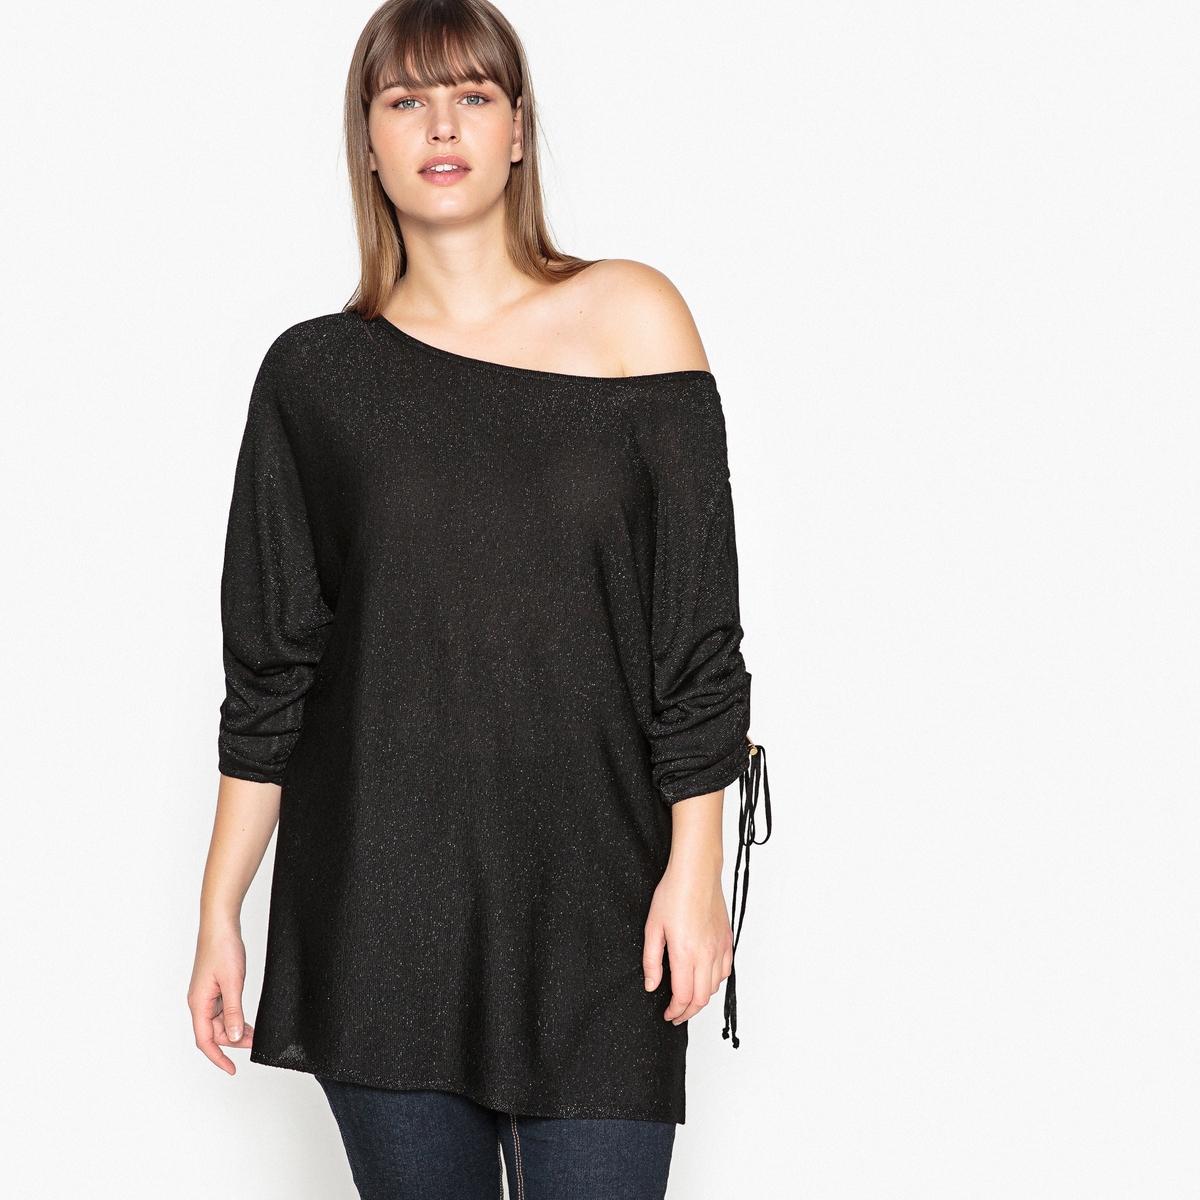 купить Пуловер с вырезом-лодочкой из тонкого трикотажа по цене 3079.3 рублей